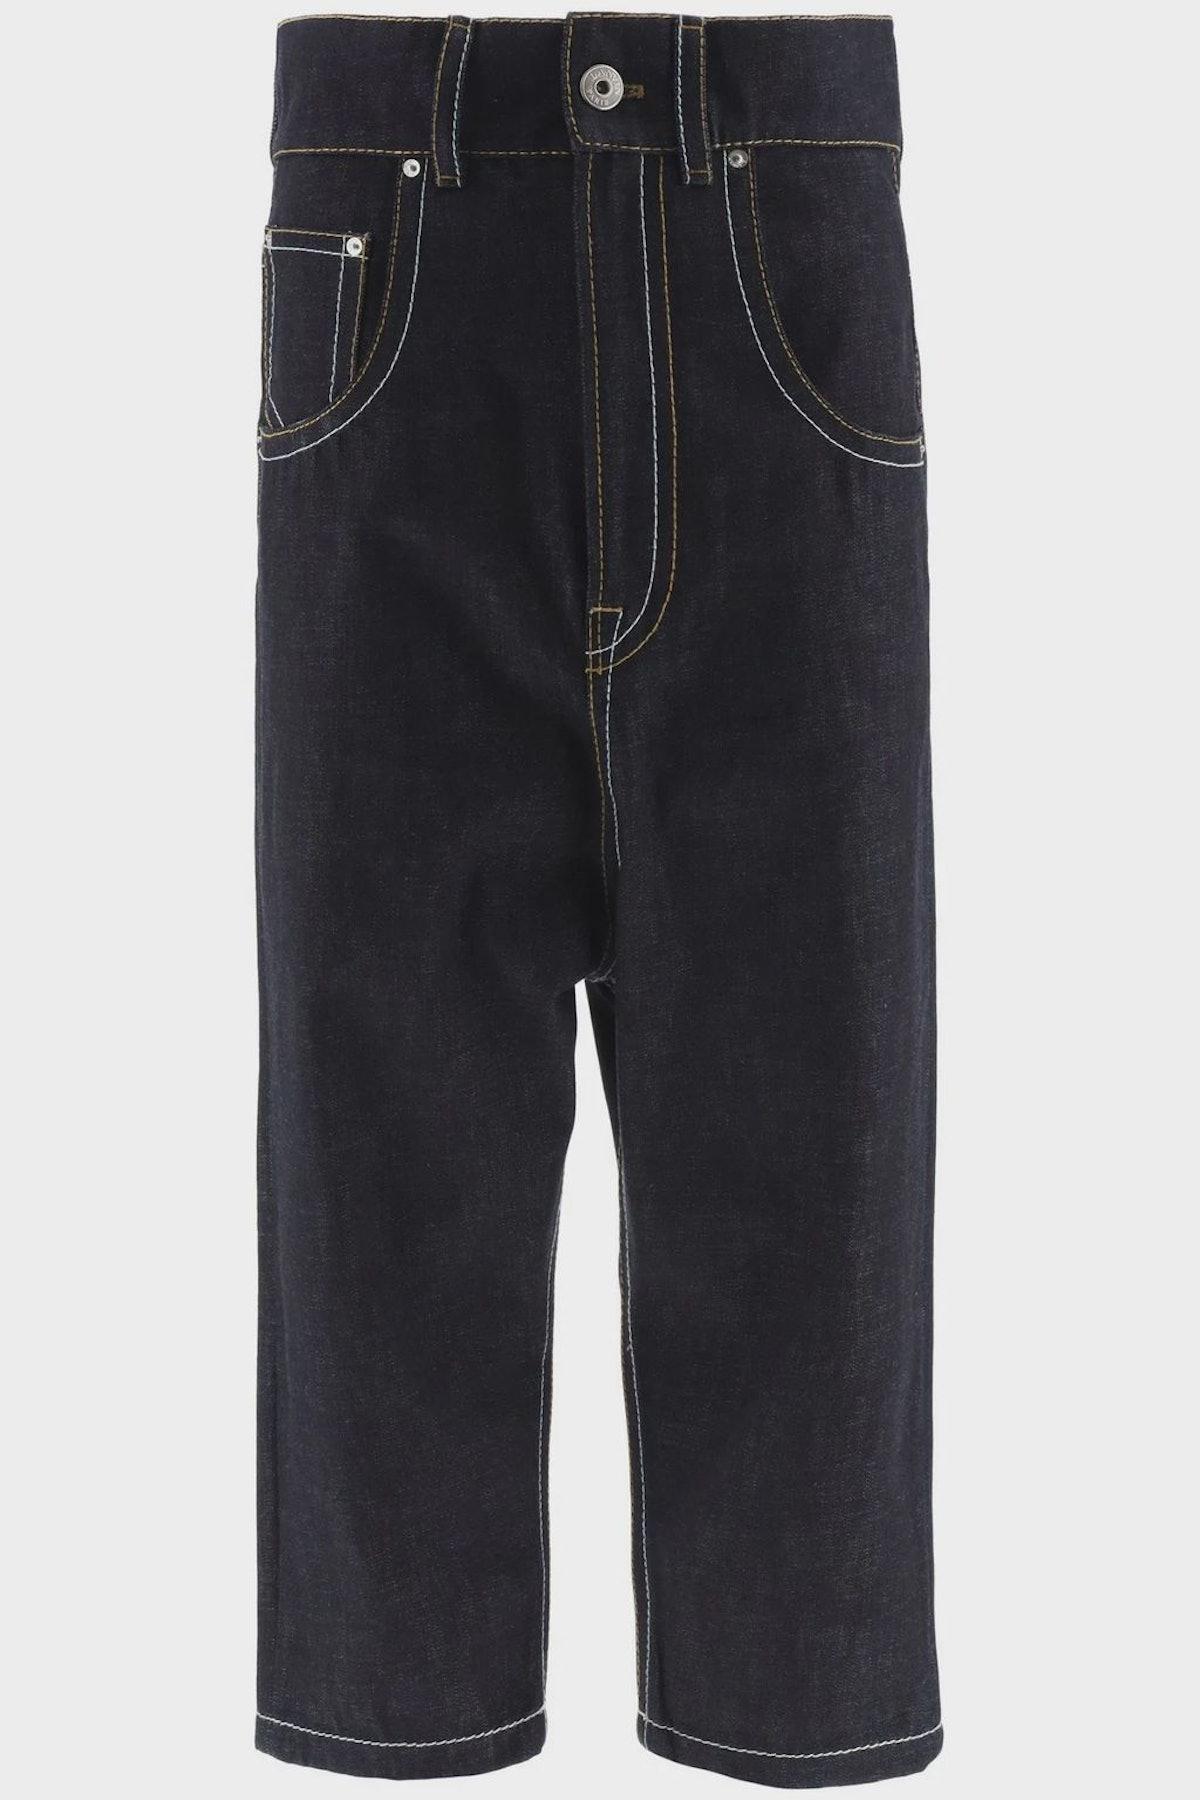 Lanvin Drop Crotch Jeans: image 1